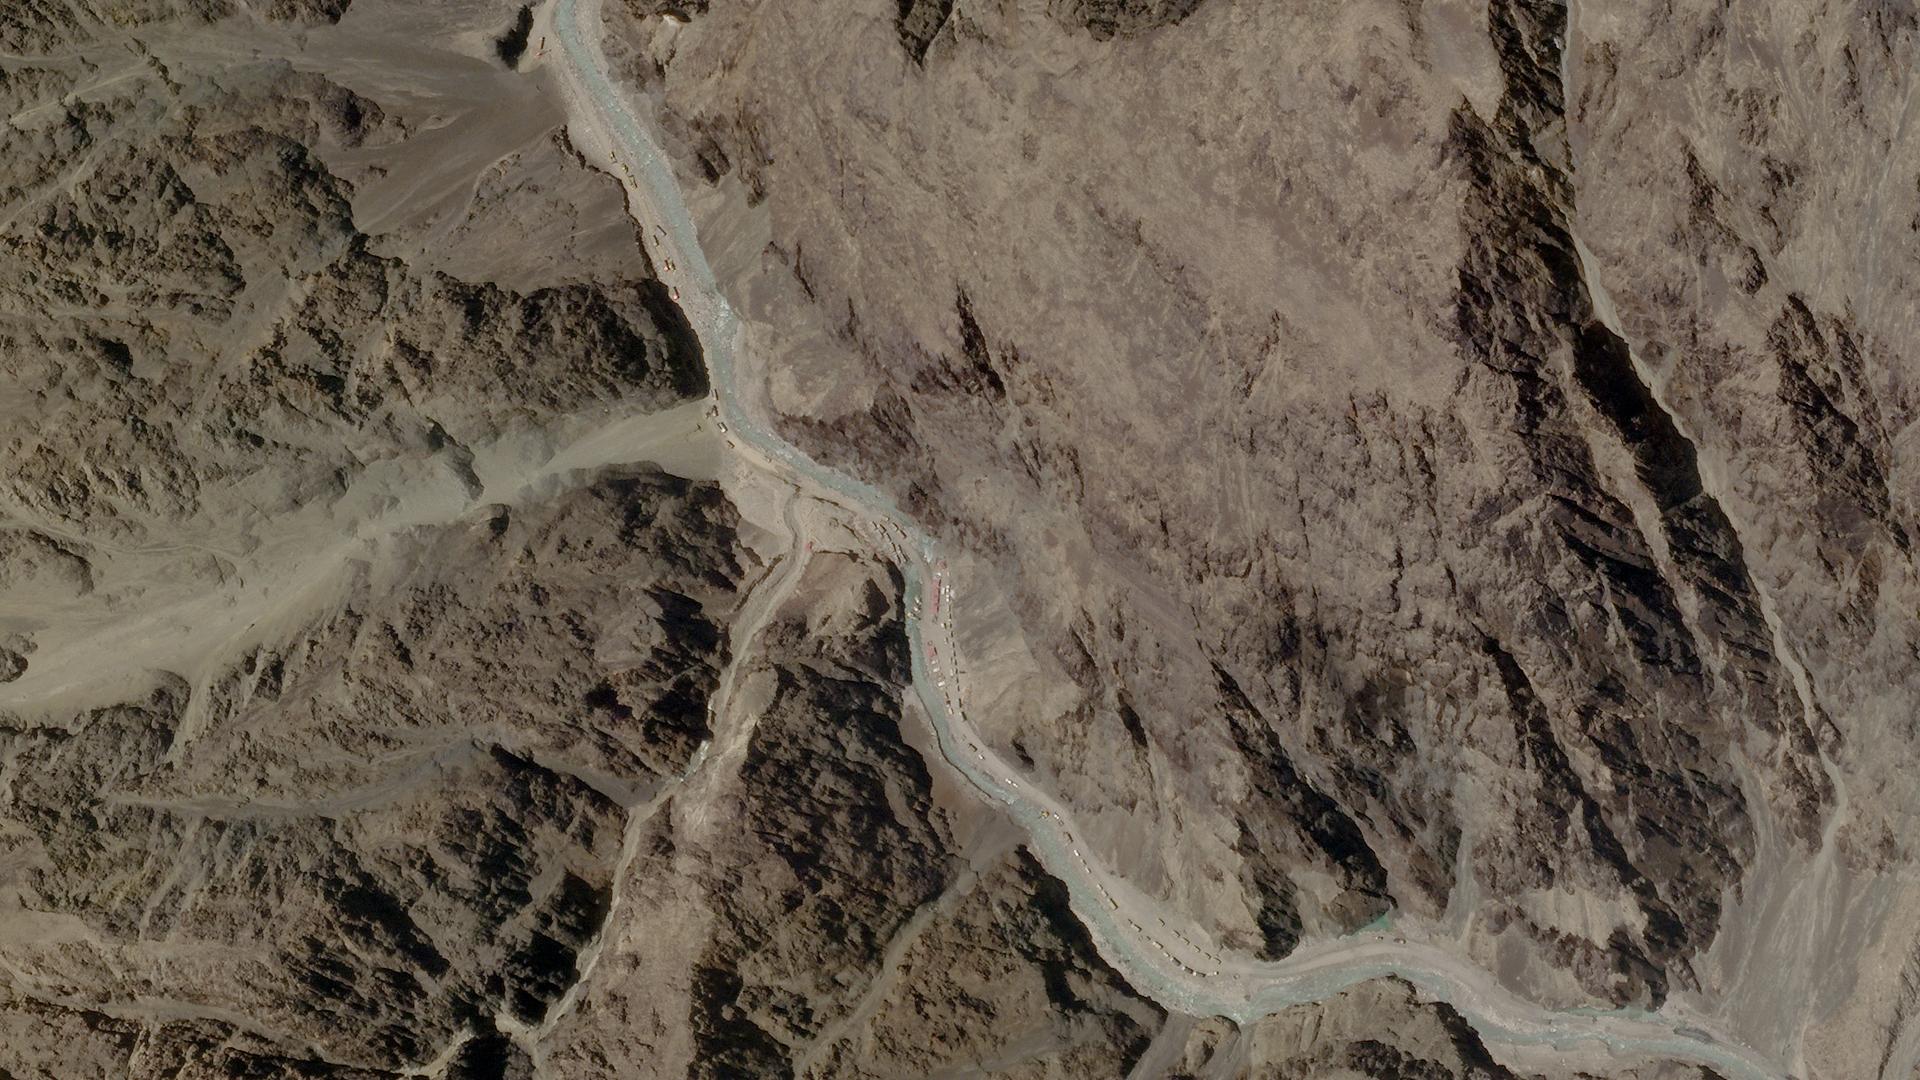 Imagen satelital del valle de Galwan, donde se enfrentaron los soldados (Planet Labs via AFP)